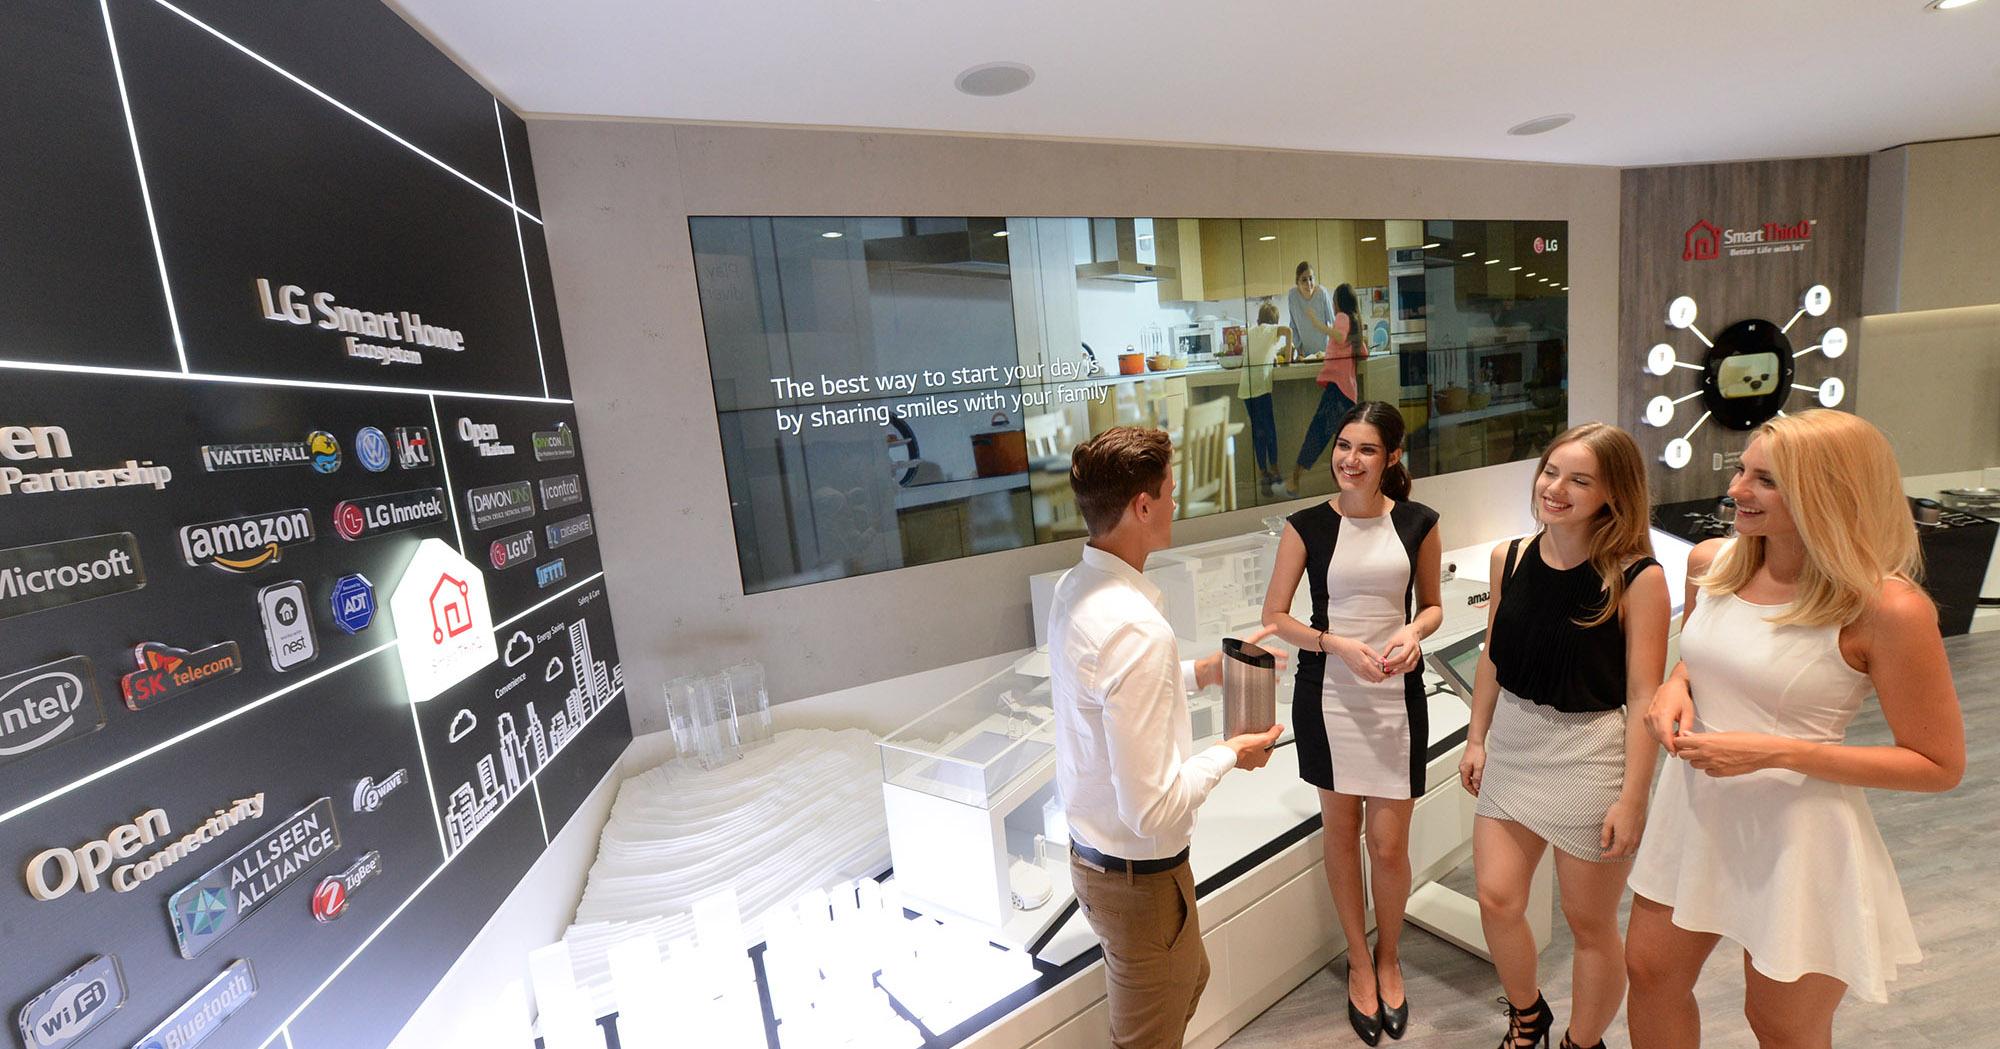 LG與Amazon合作智慧家居生態系統,僅憑聲音就能控制家電